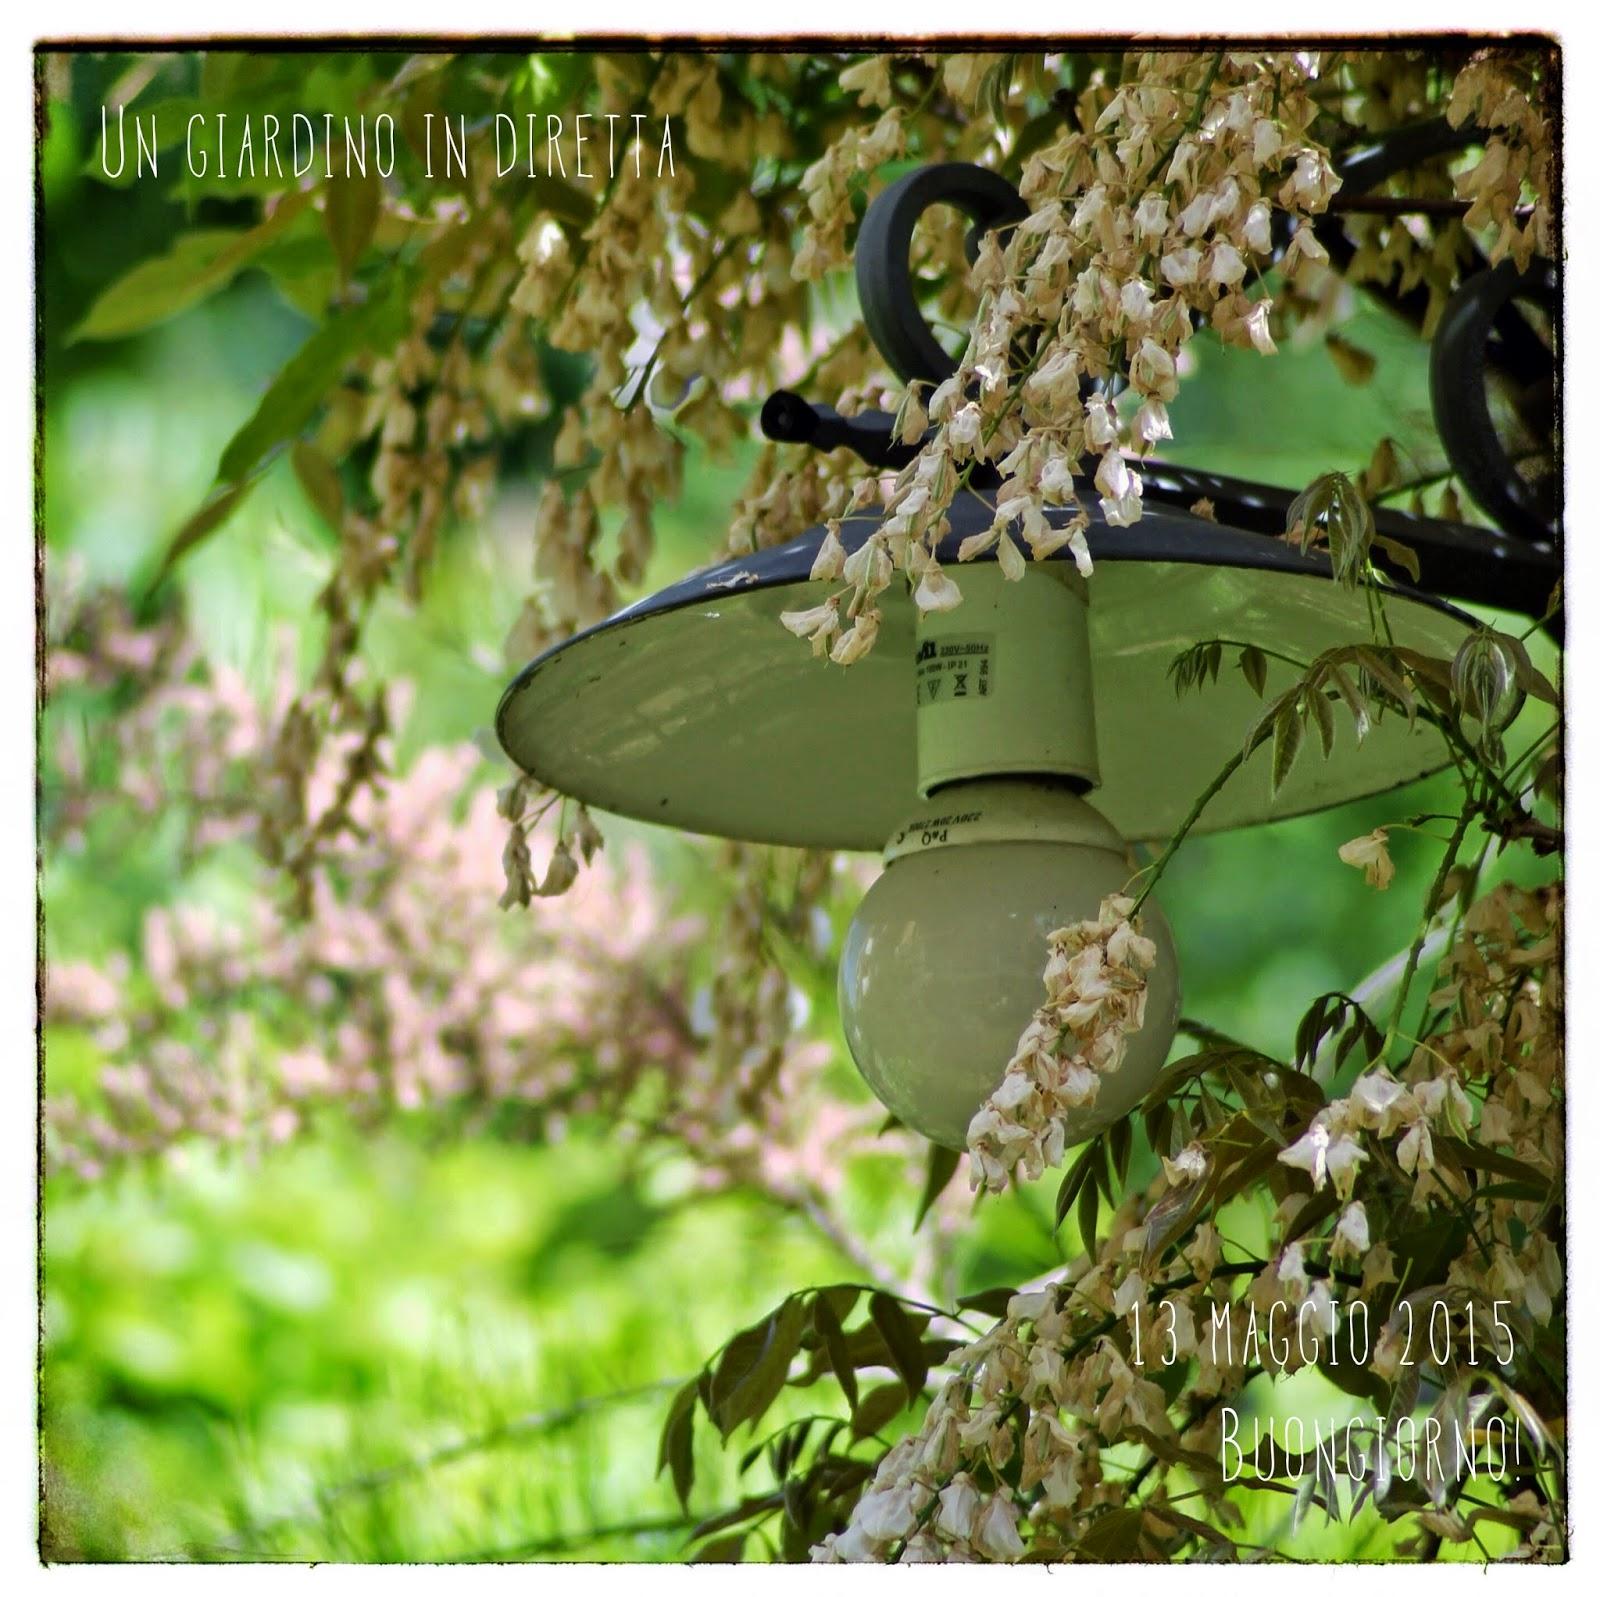 Quando Potare Il Glicine glicine (wisteria sinensis 'alba'), buongiorno giardinieri